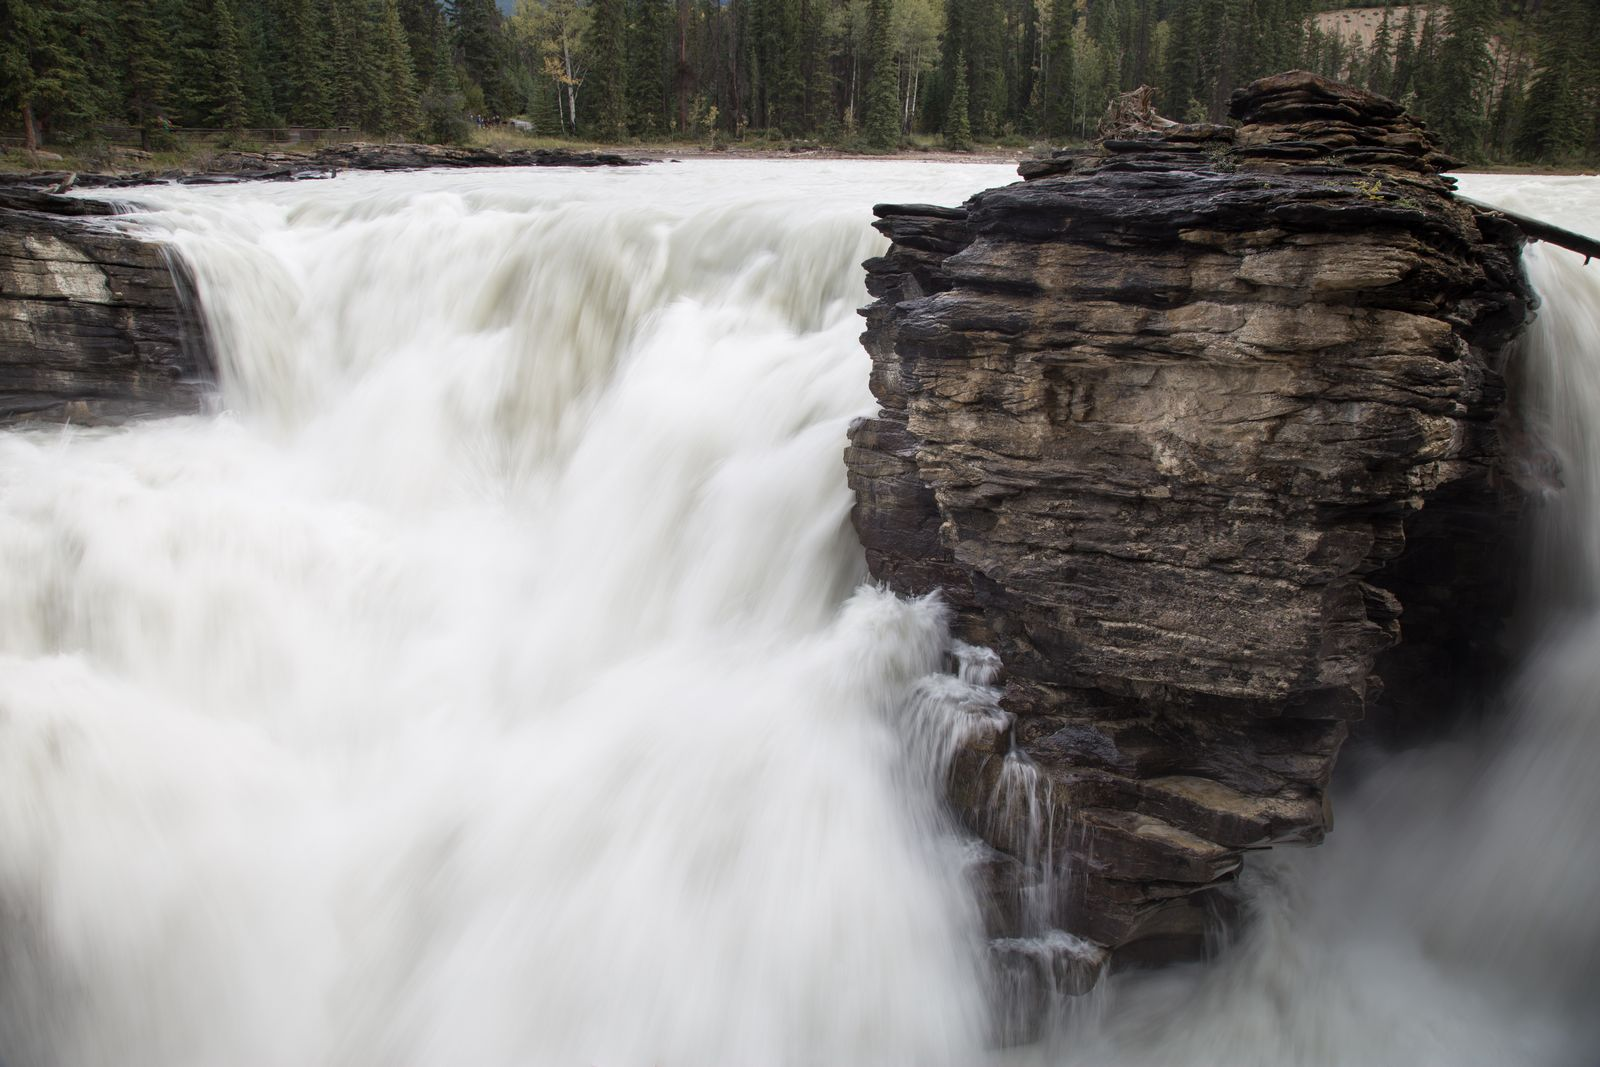 El punto en el que el agua cae con mayor violencia